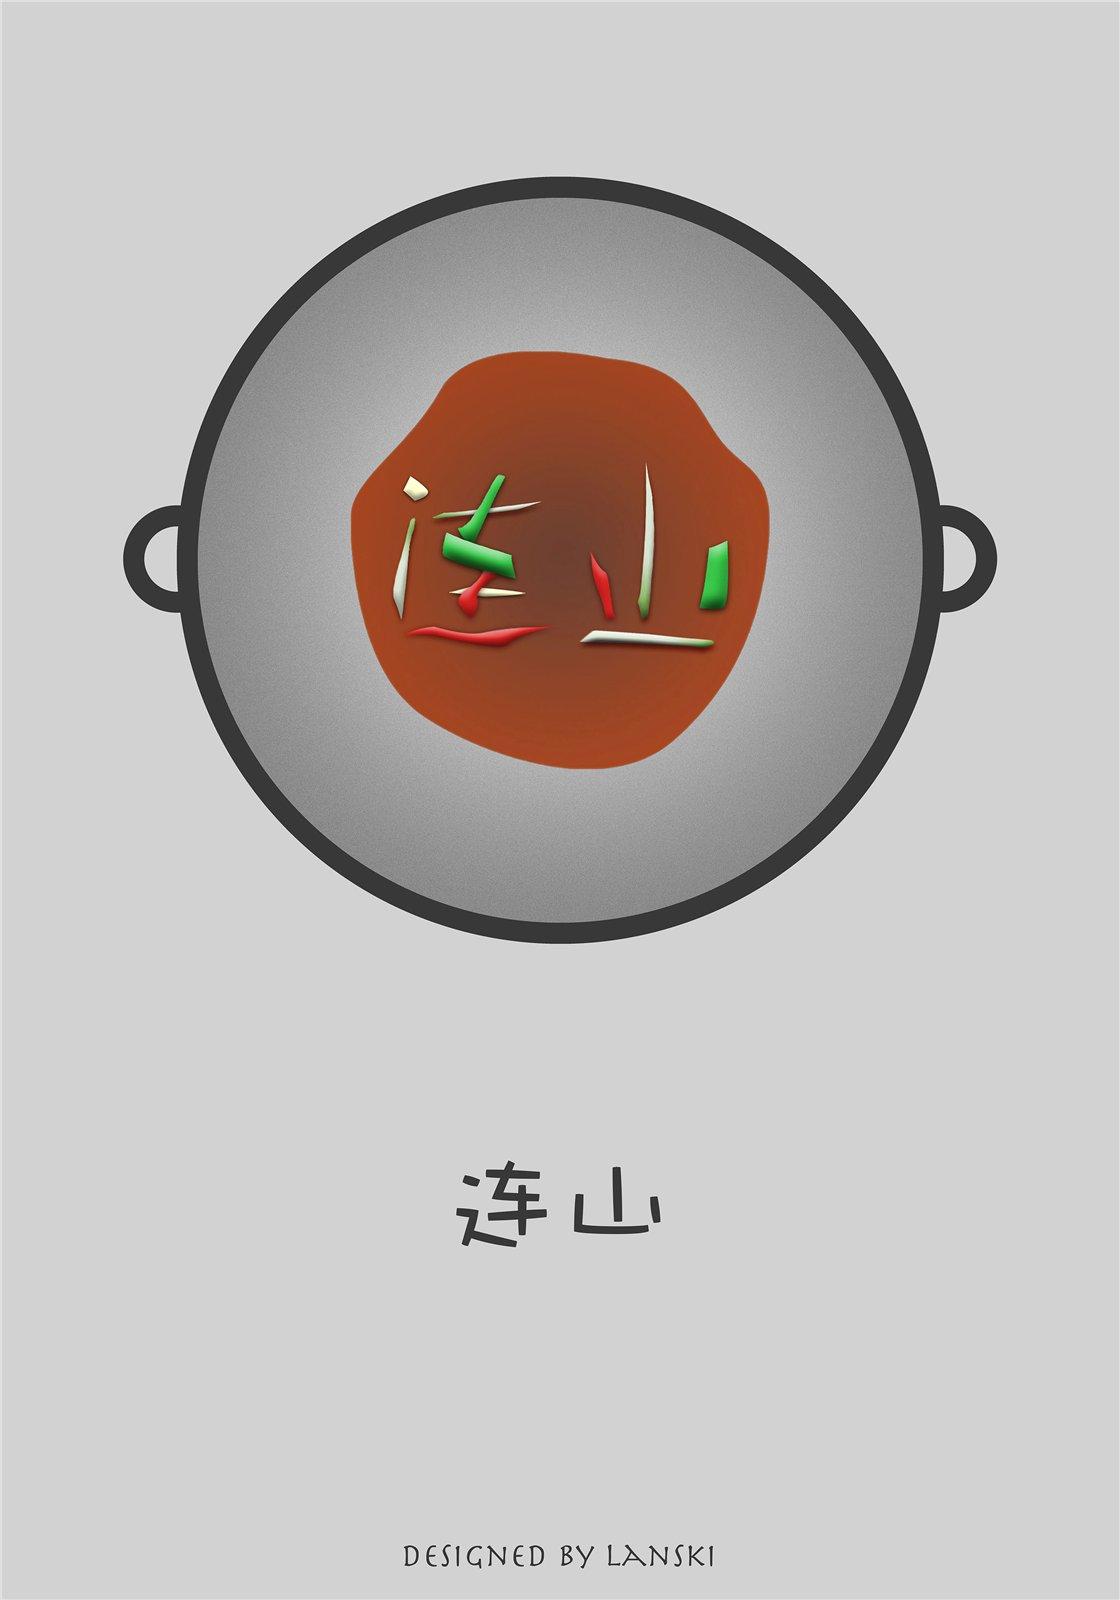 原创,广汉各乡镇特色创意海报,献给爱家乡的男人和女人,以及爱家乡